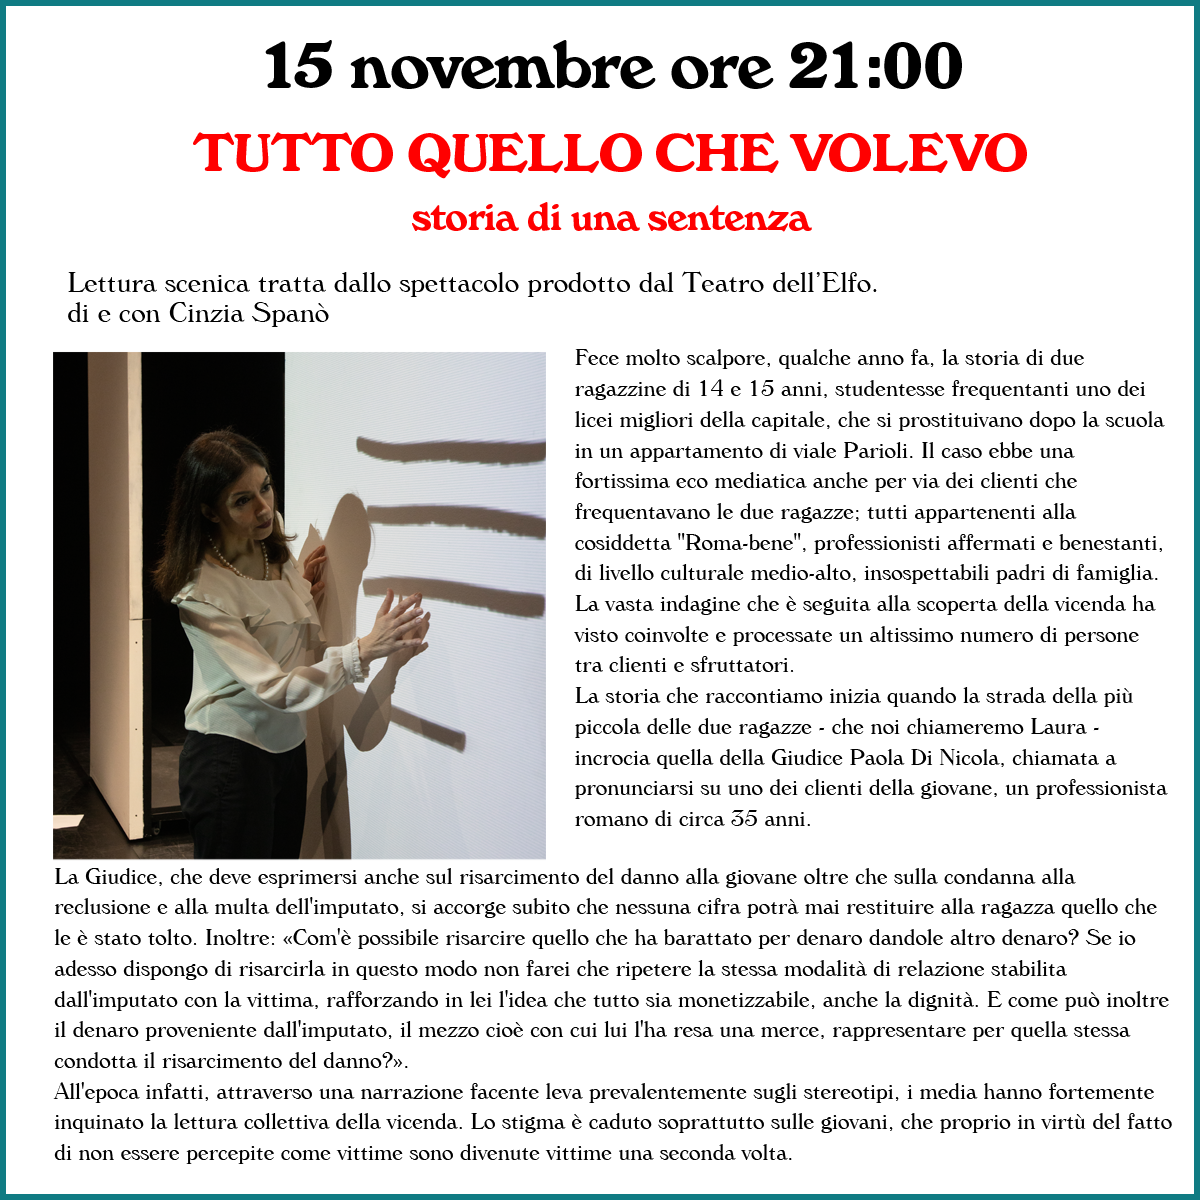 15 novembre ore 21:00 - TUTTO QUELLO CHE VOLEVO